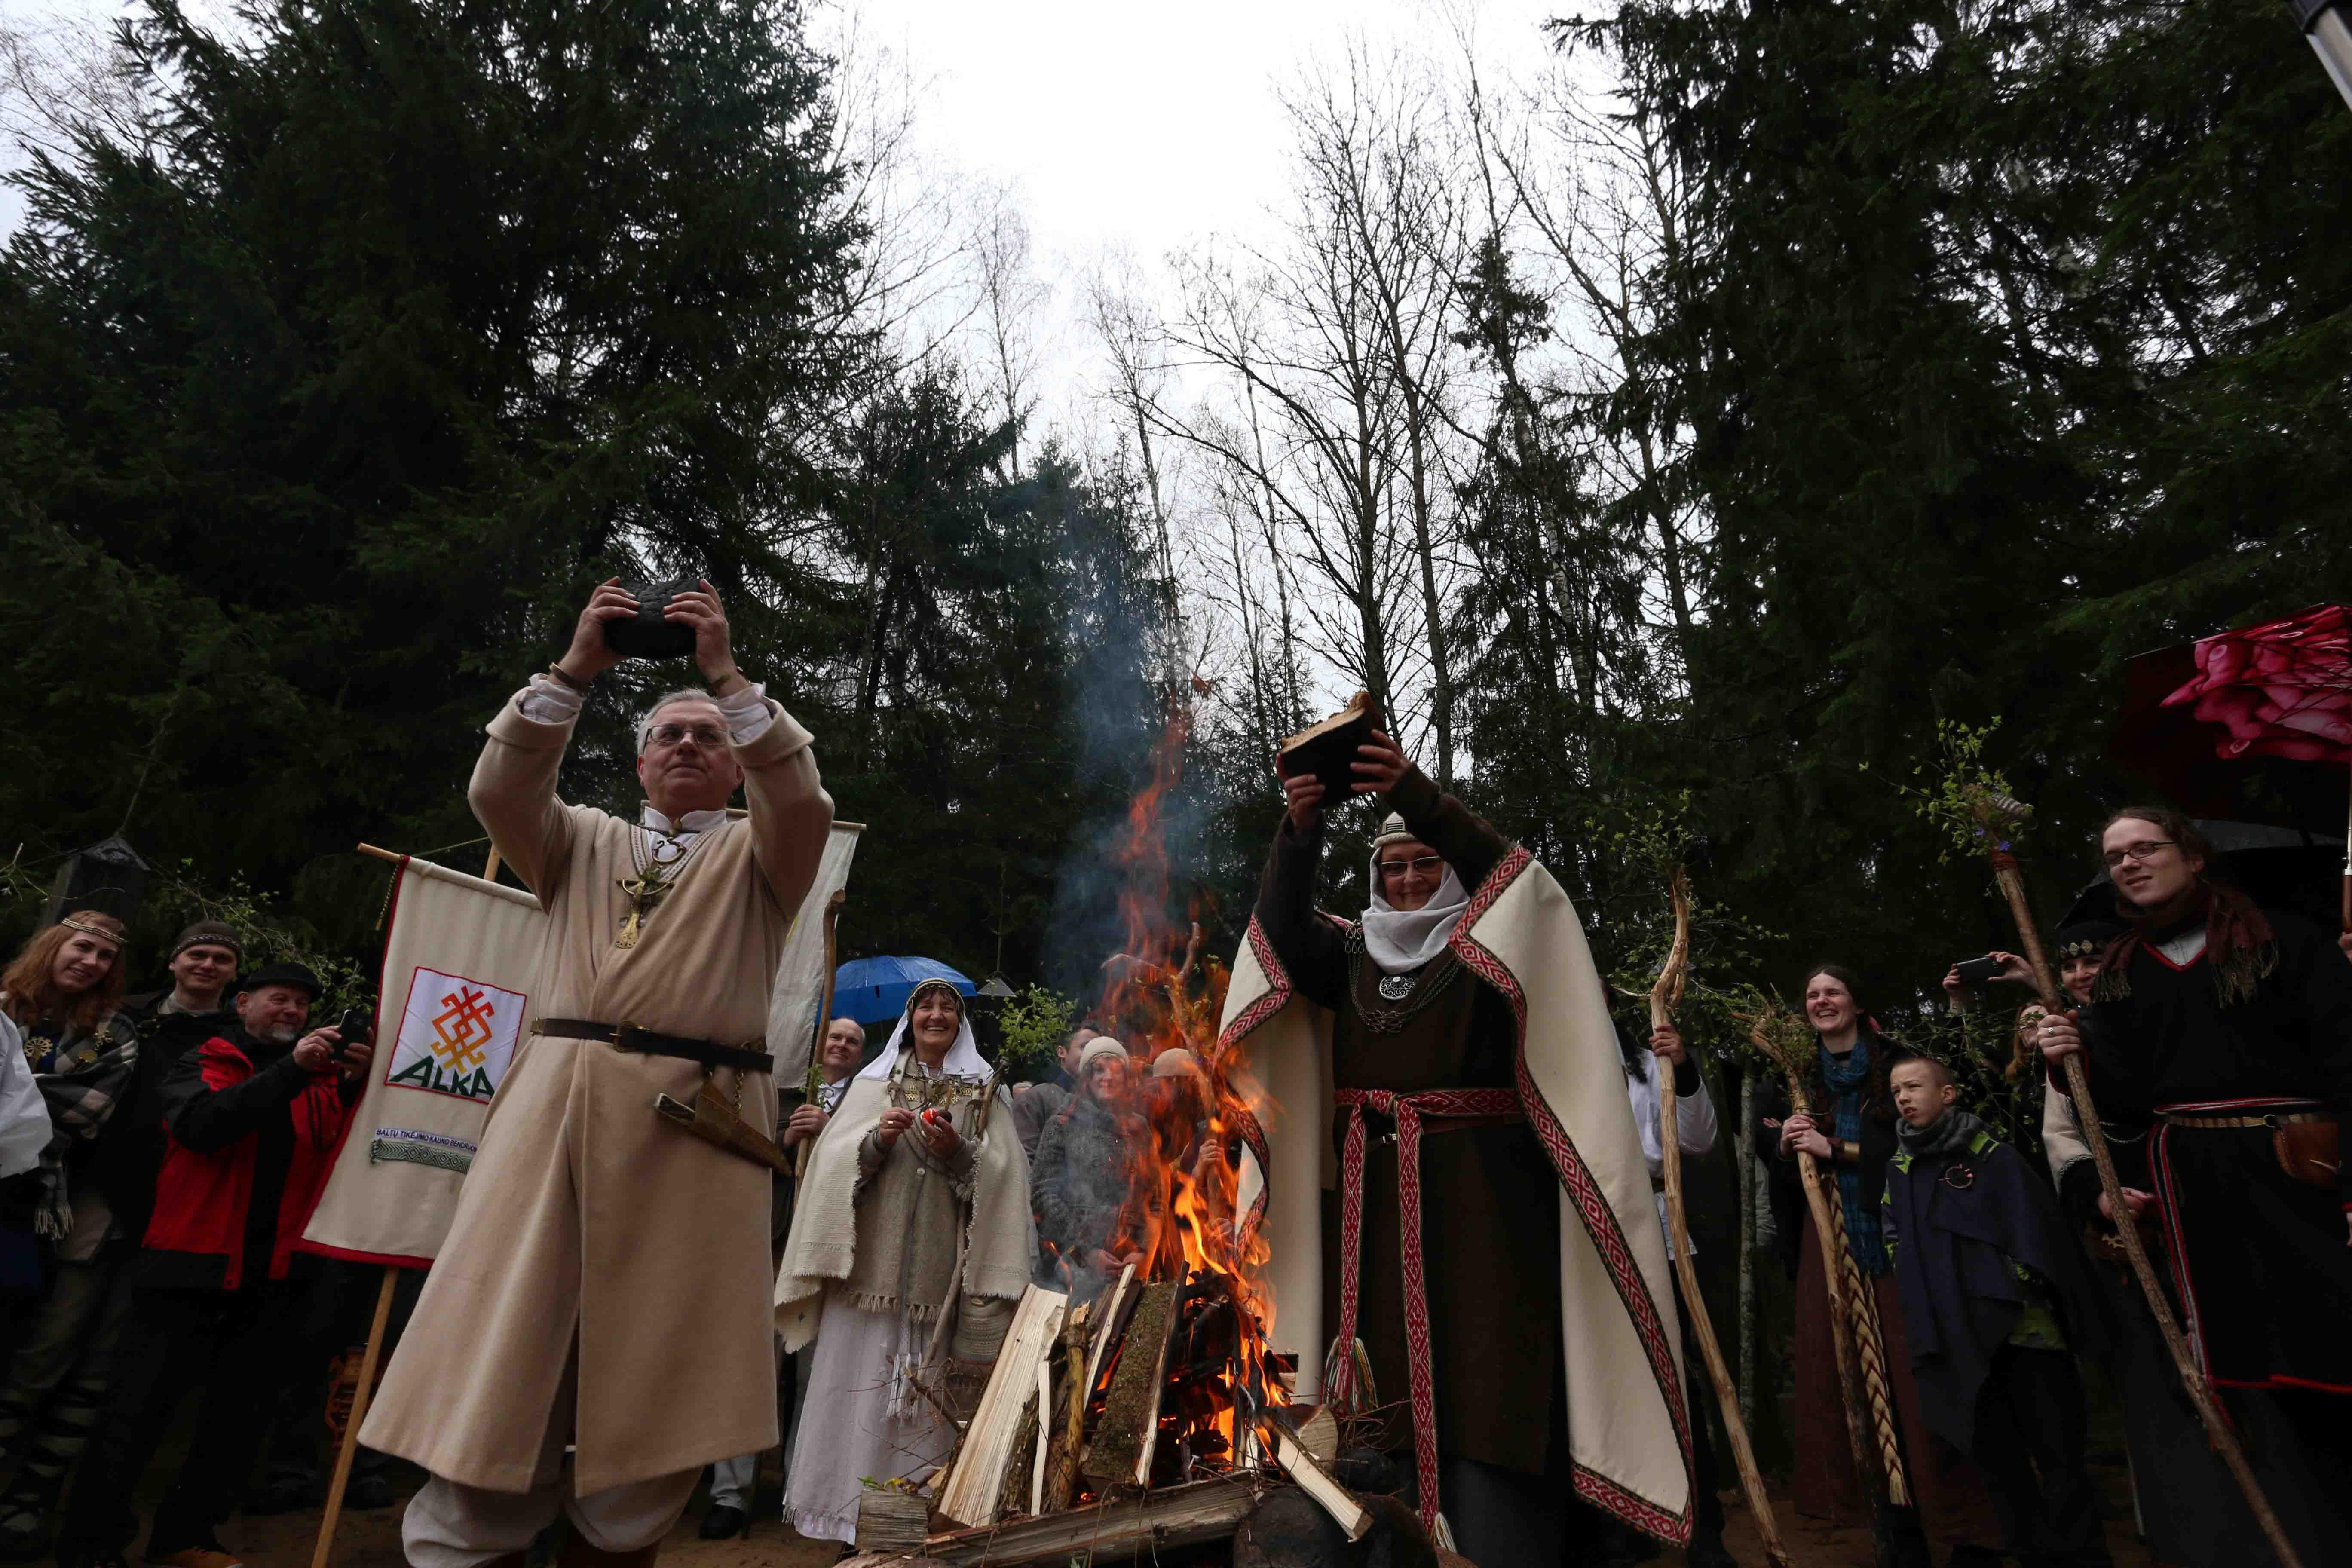 Perlaužus apeiginę Duoną, buvo aukojama ir dėkojama deivei Žemynai | Alkas.lt, A. Sartanavičiaus nuotr.